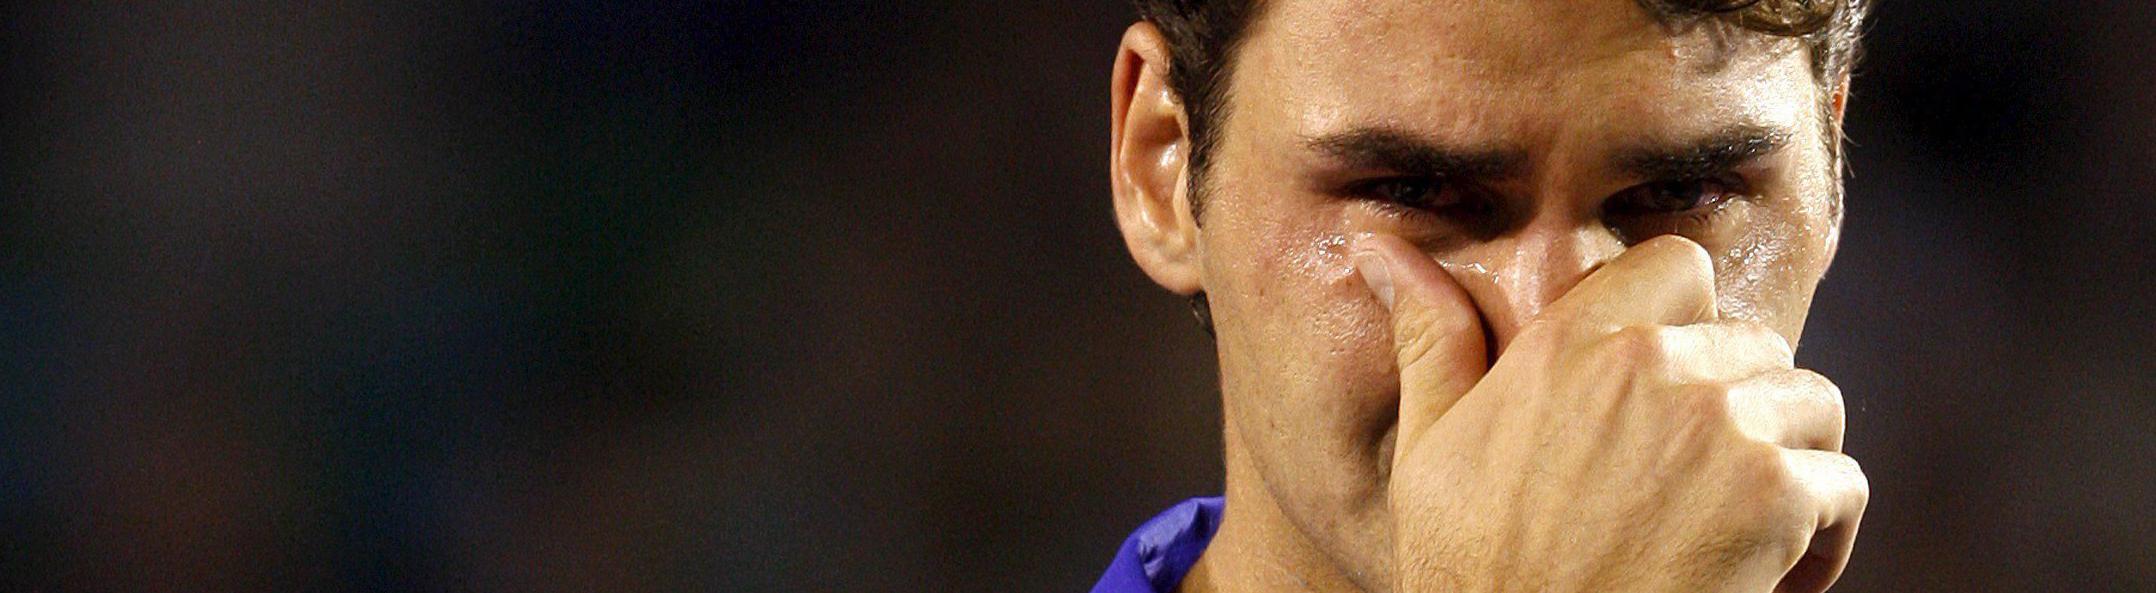 Männer Weinen Heimlich